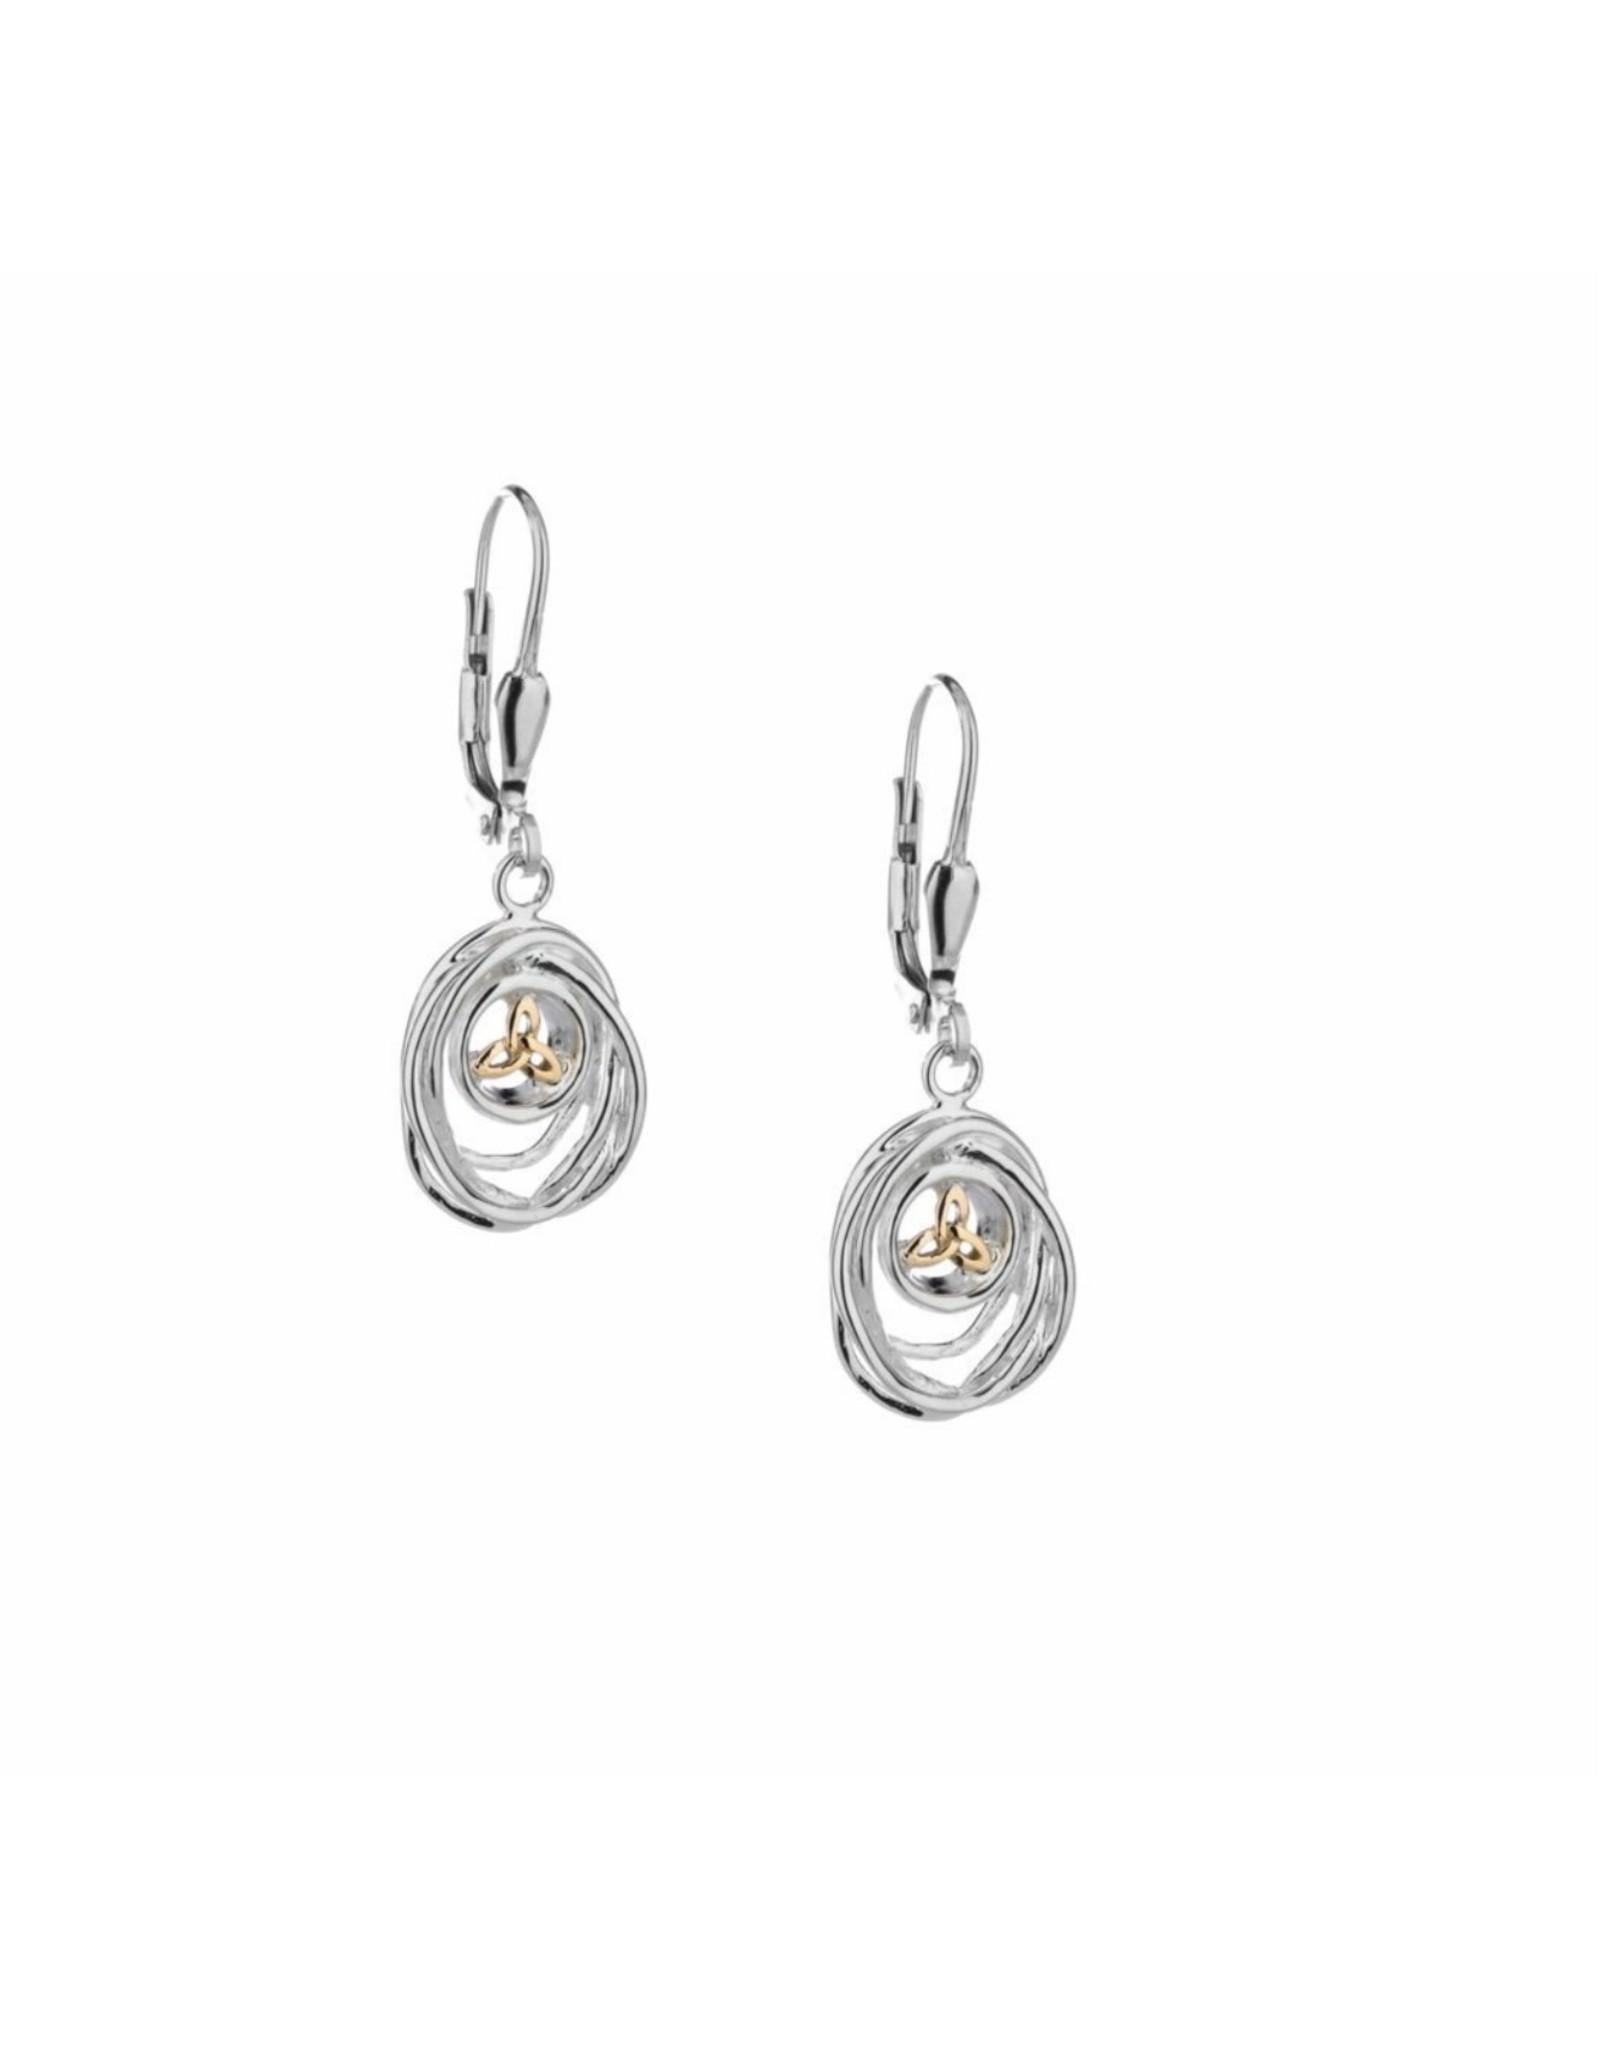 Keith Jack S/S + 10k Cradle of Life Drop Earrings